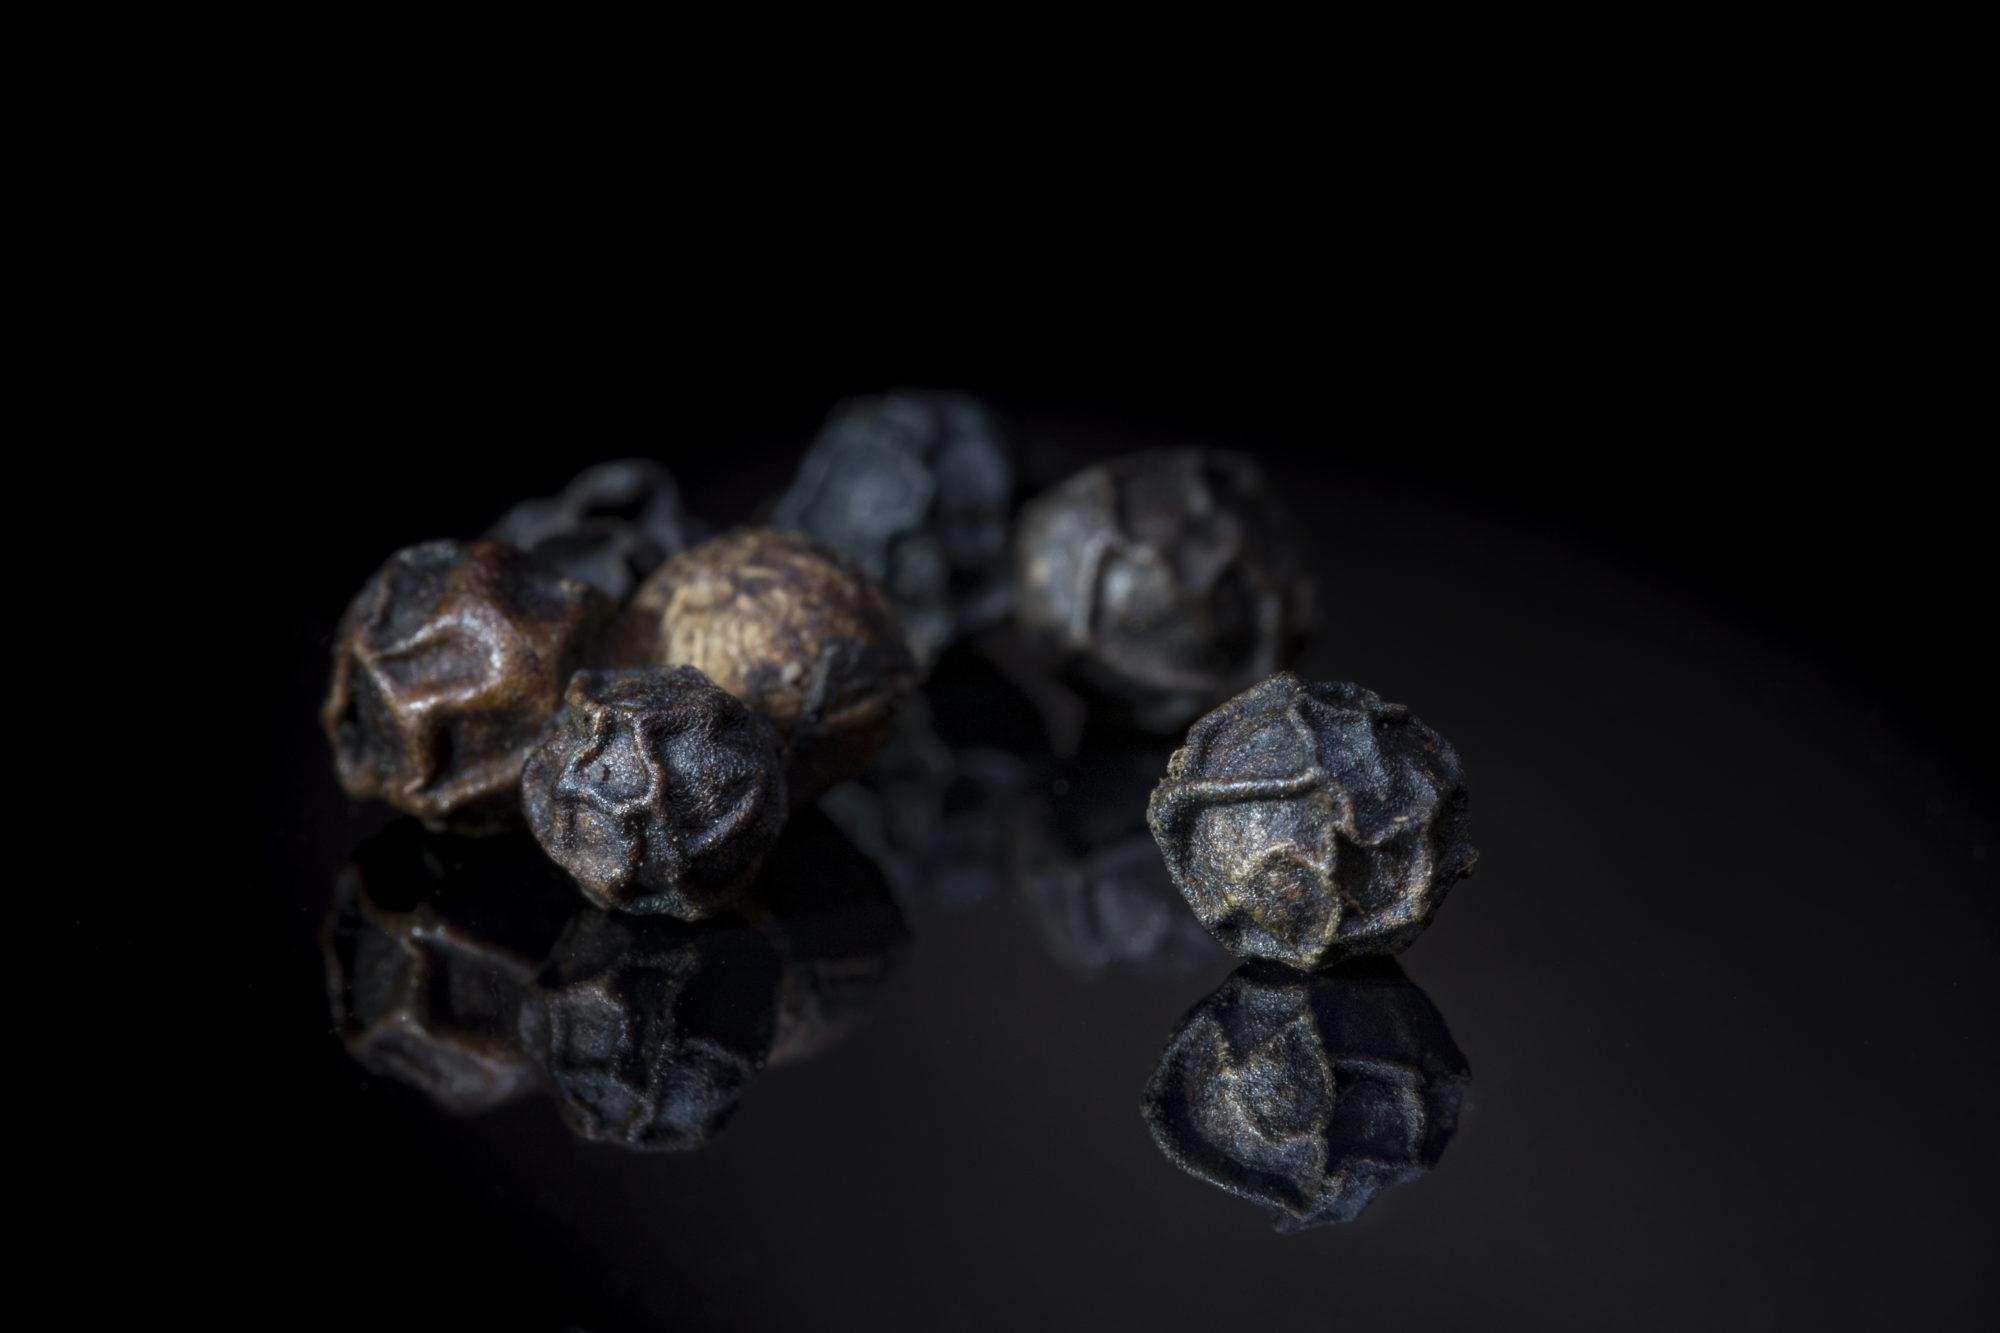 Schwarze Pfefferkörner auf schwarzem Hintergrund, Dinner in tthe Dark Motiv